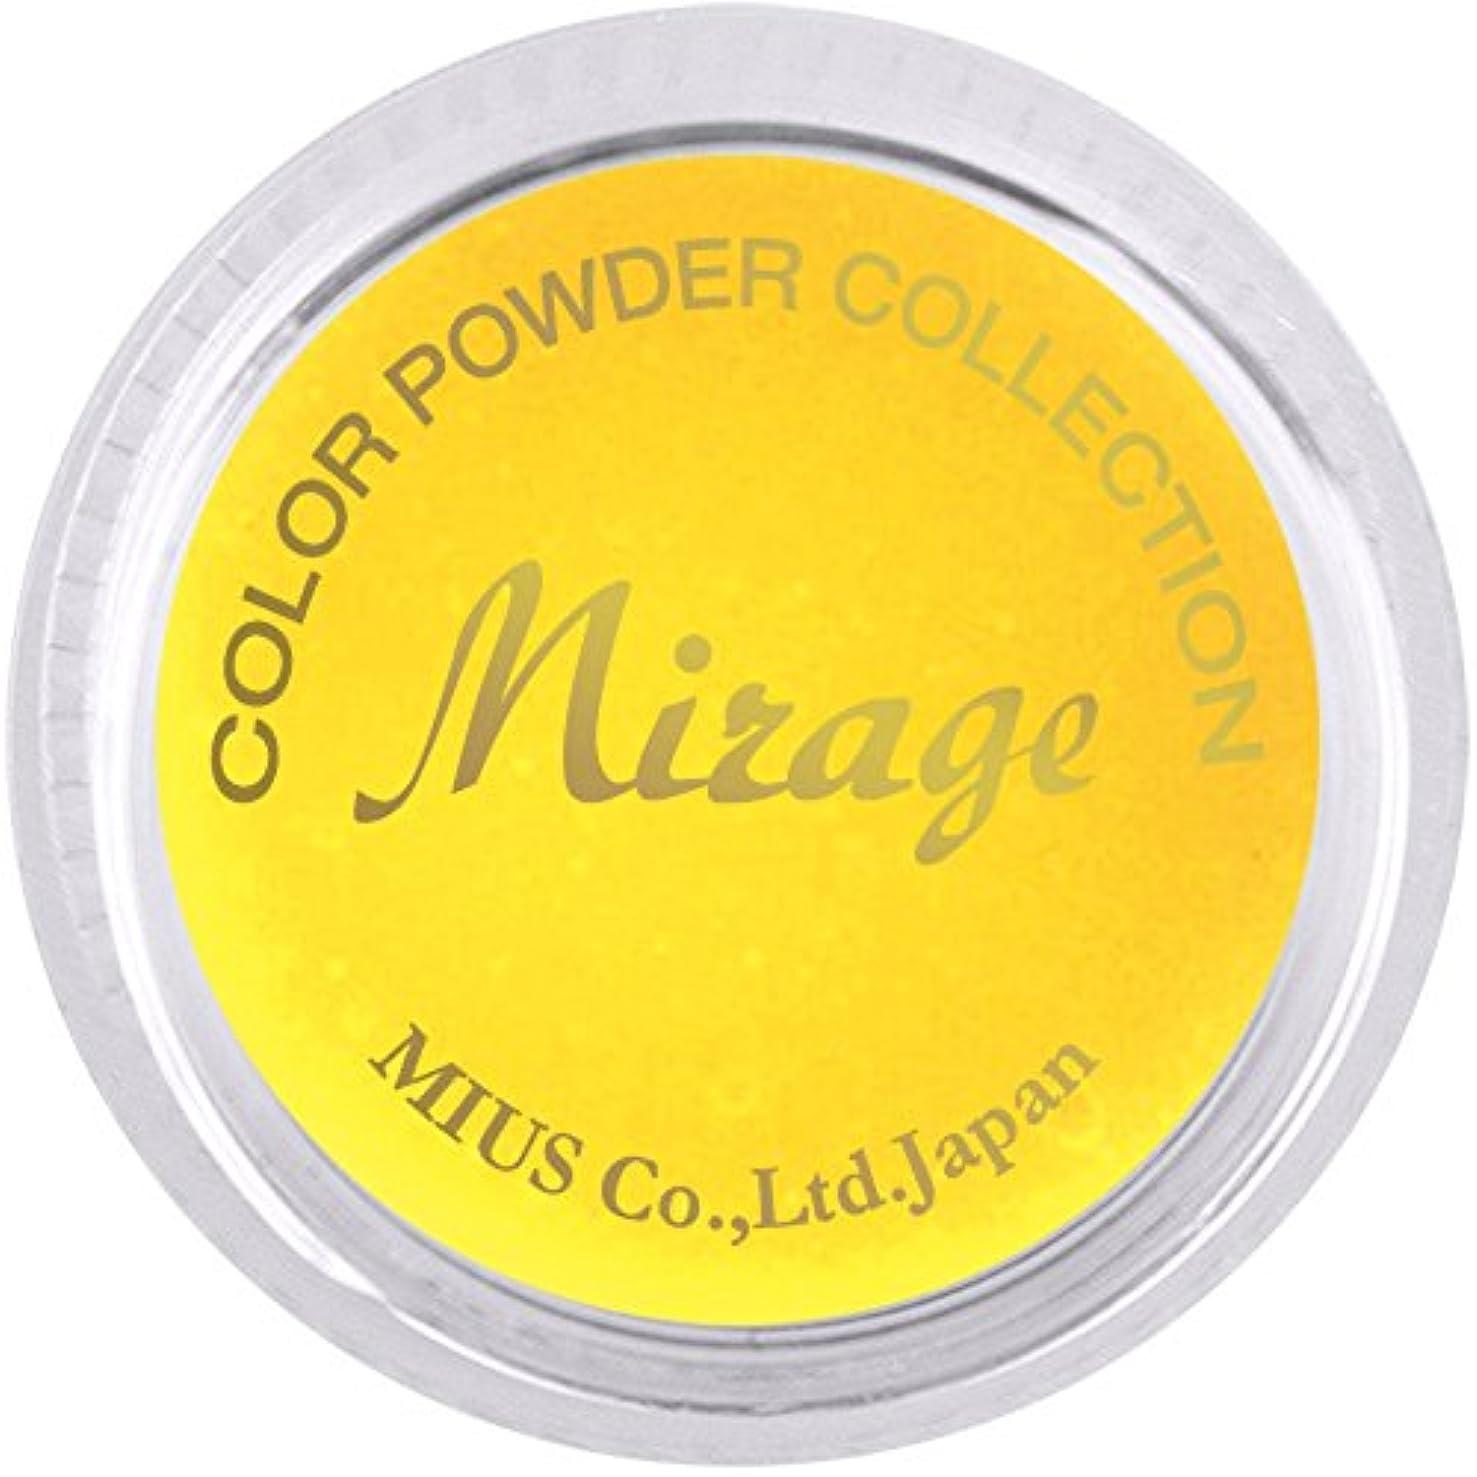 インカ帝国彼らは常識ミラージュ カラーパウダー N/CPS-1  7g  アクリルパウダー 色鮮やかな蛍光スタンダードカラー